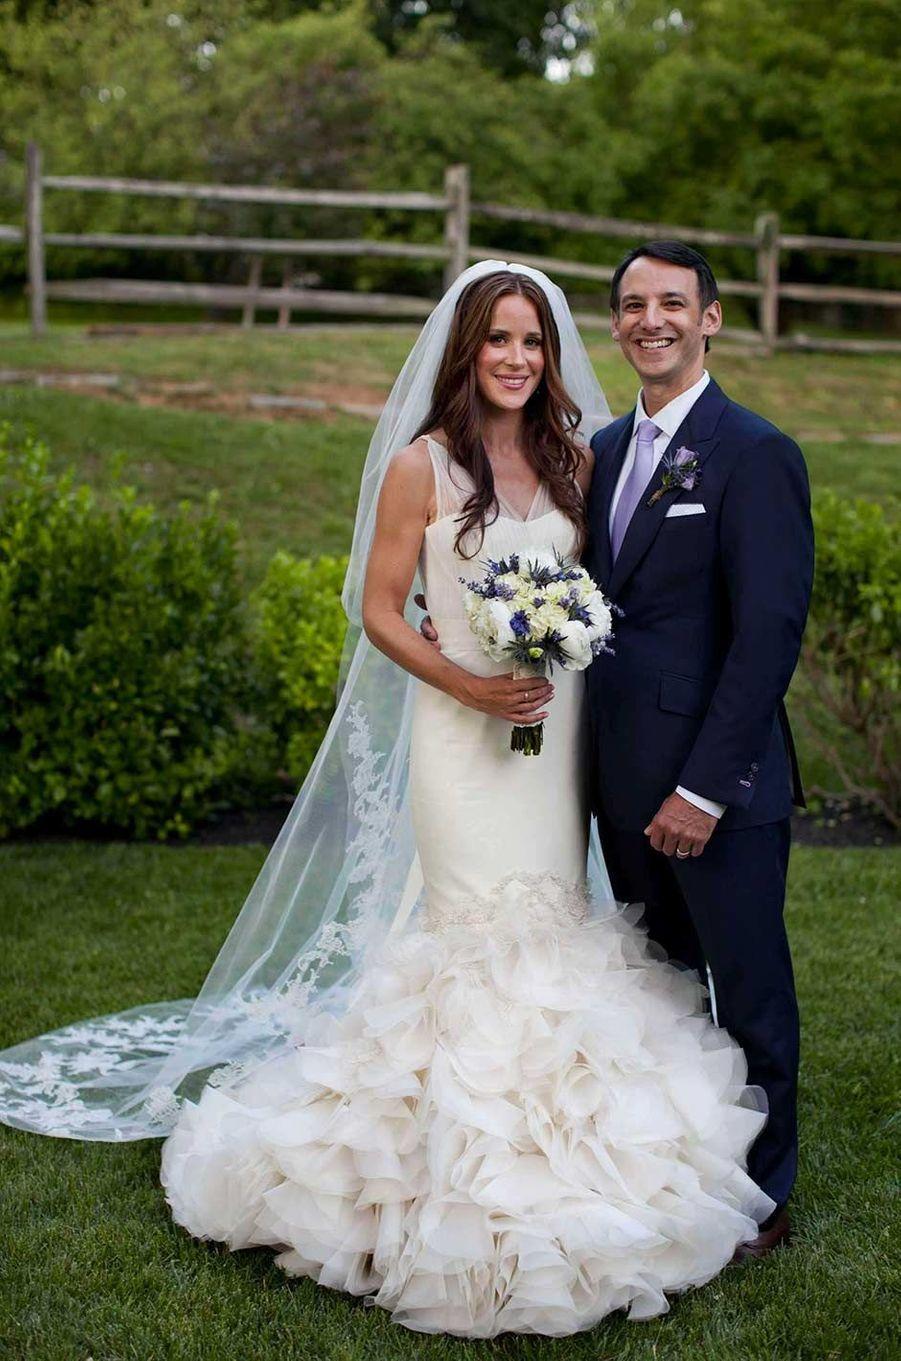 Ashley Biden et son mariHoward Krein le jour de leur mariage, en juin 2012.